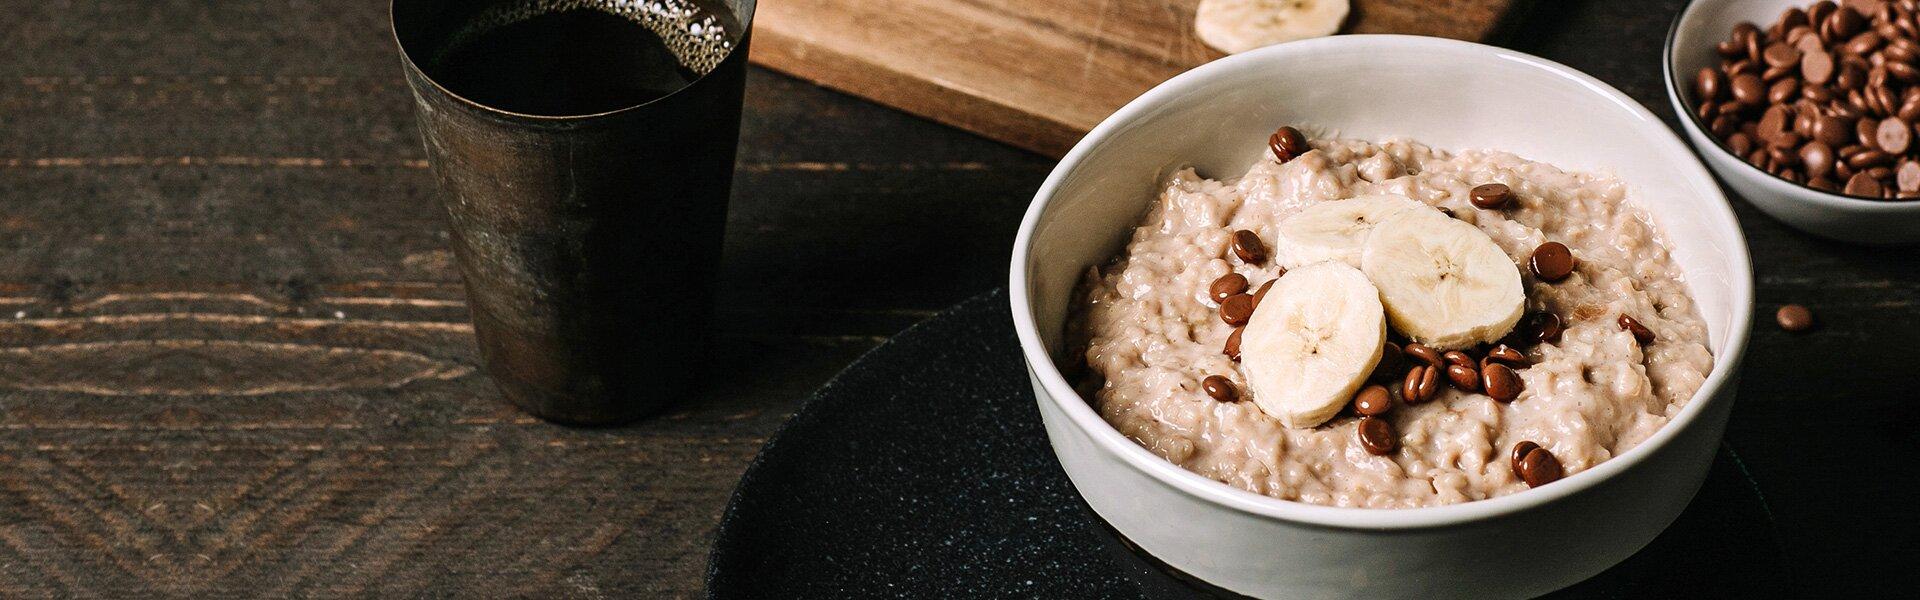 porridge-bananeschoko-mood.jpg